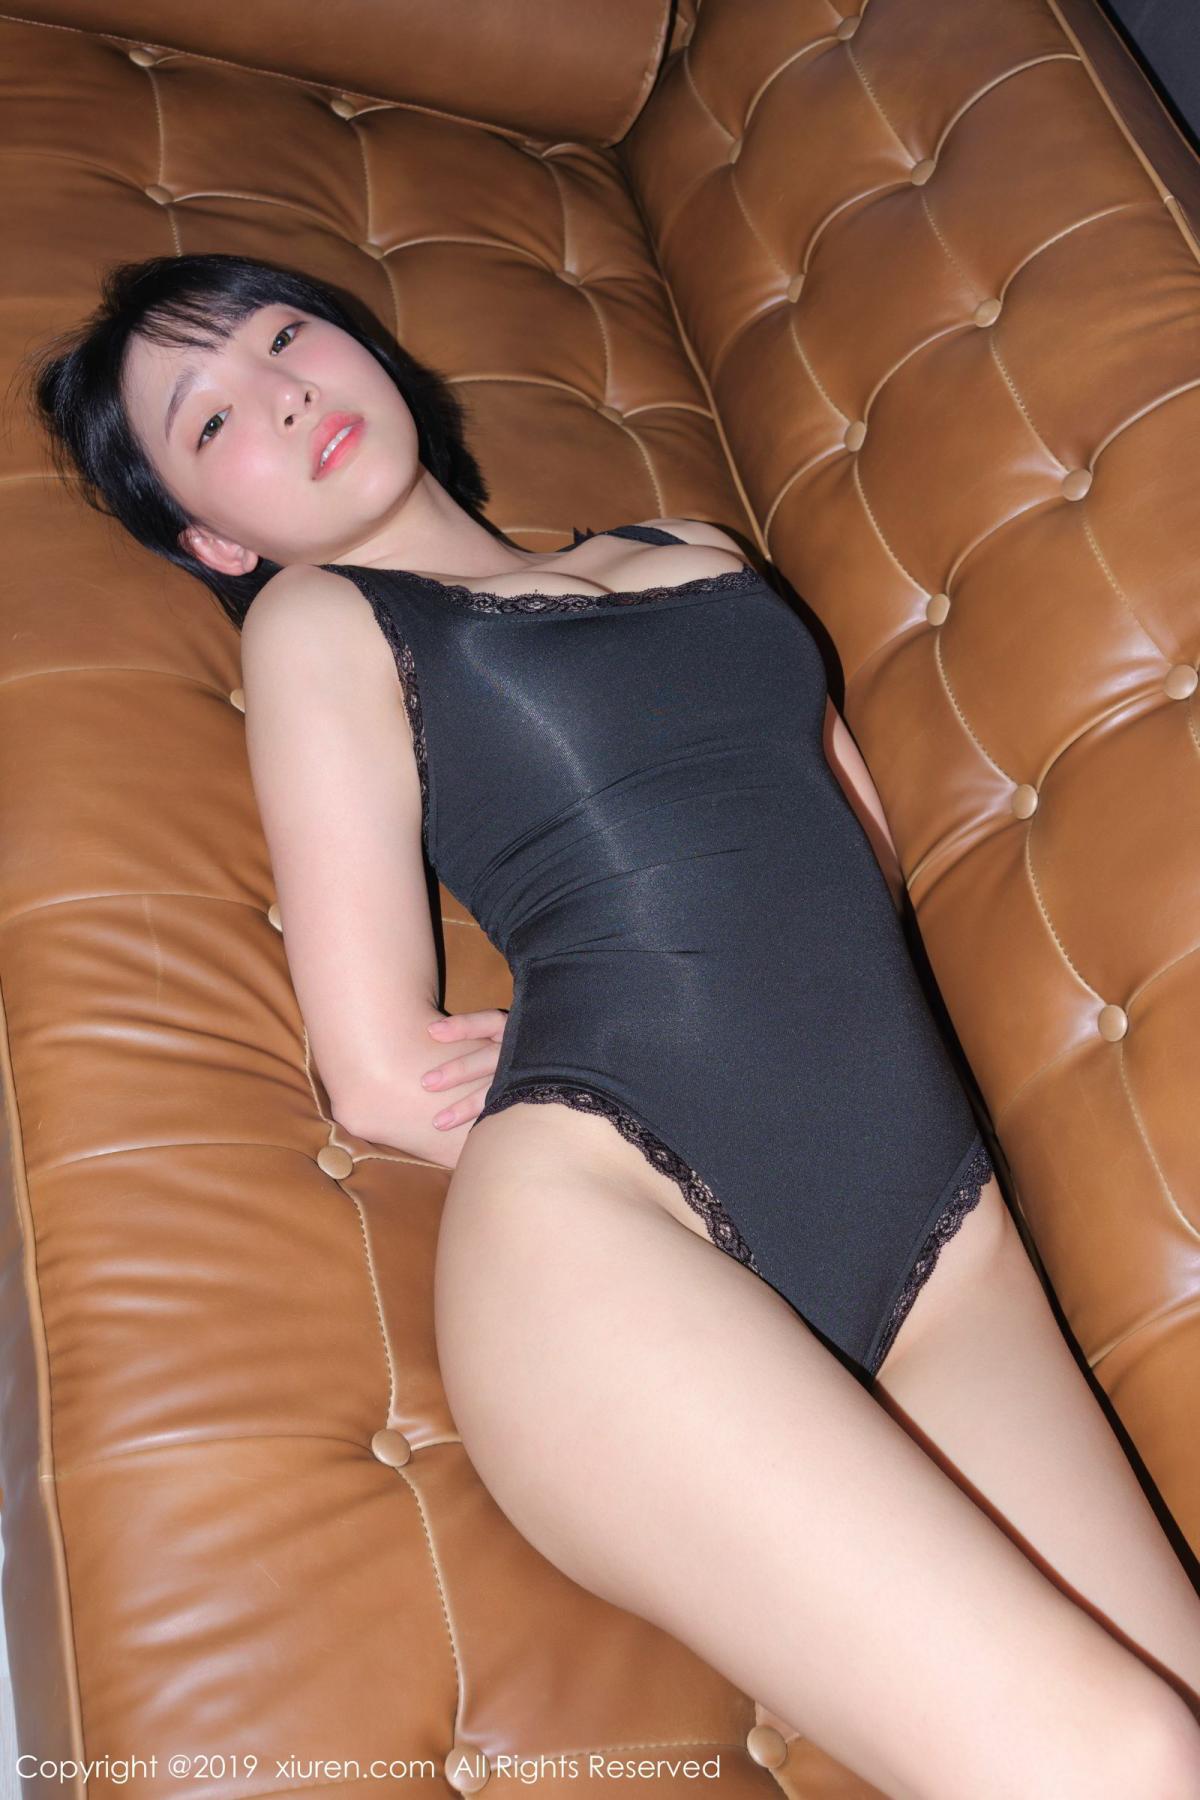 [XiuRen] Vol.1734 Model Qing Qing 8P, Bikini, Kang In Kyung, Xiuren